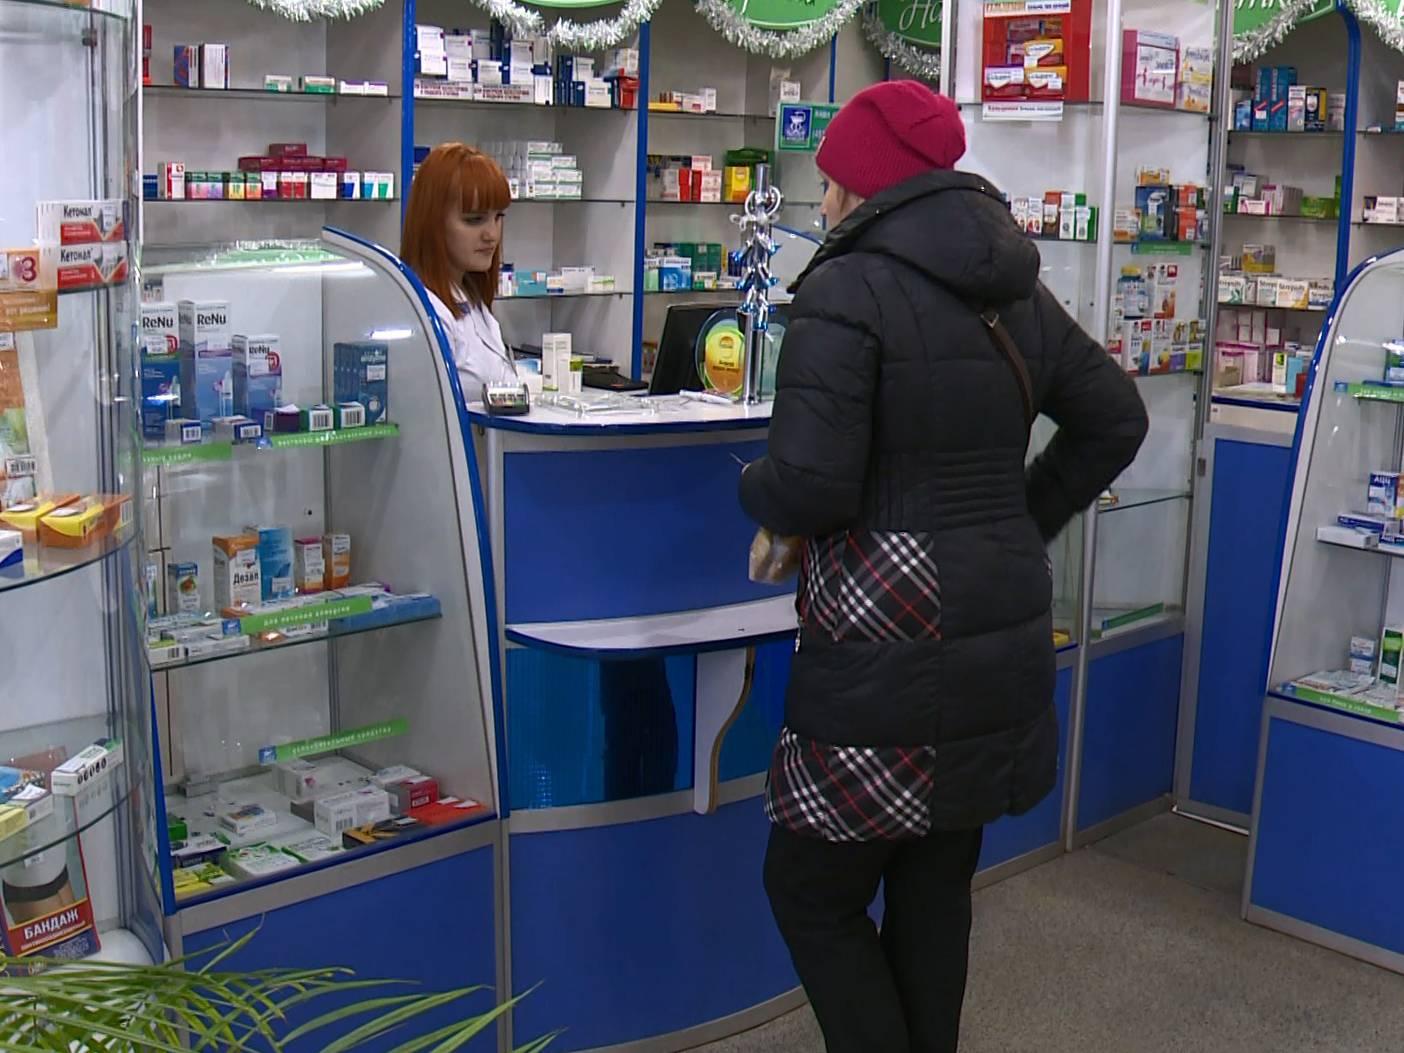 Новые правила выдачи бесплатных лекарств: как получить льготные медикаменты при коронавирусе | юридические советы